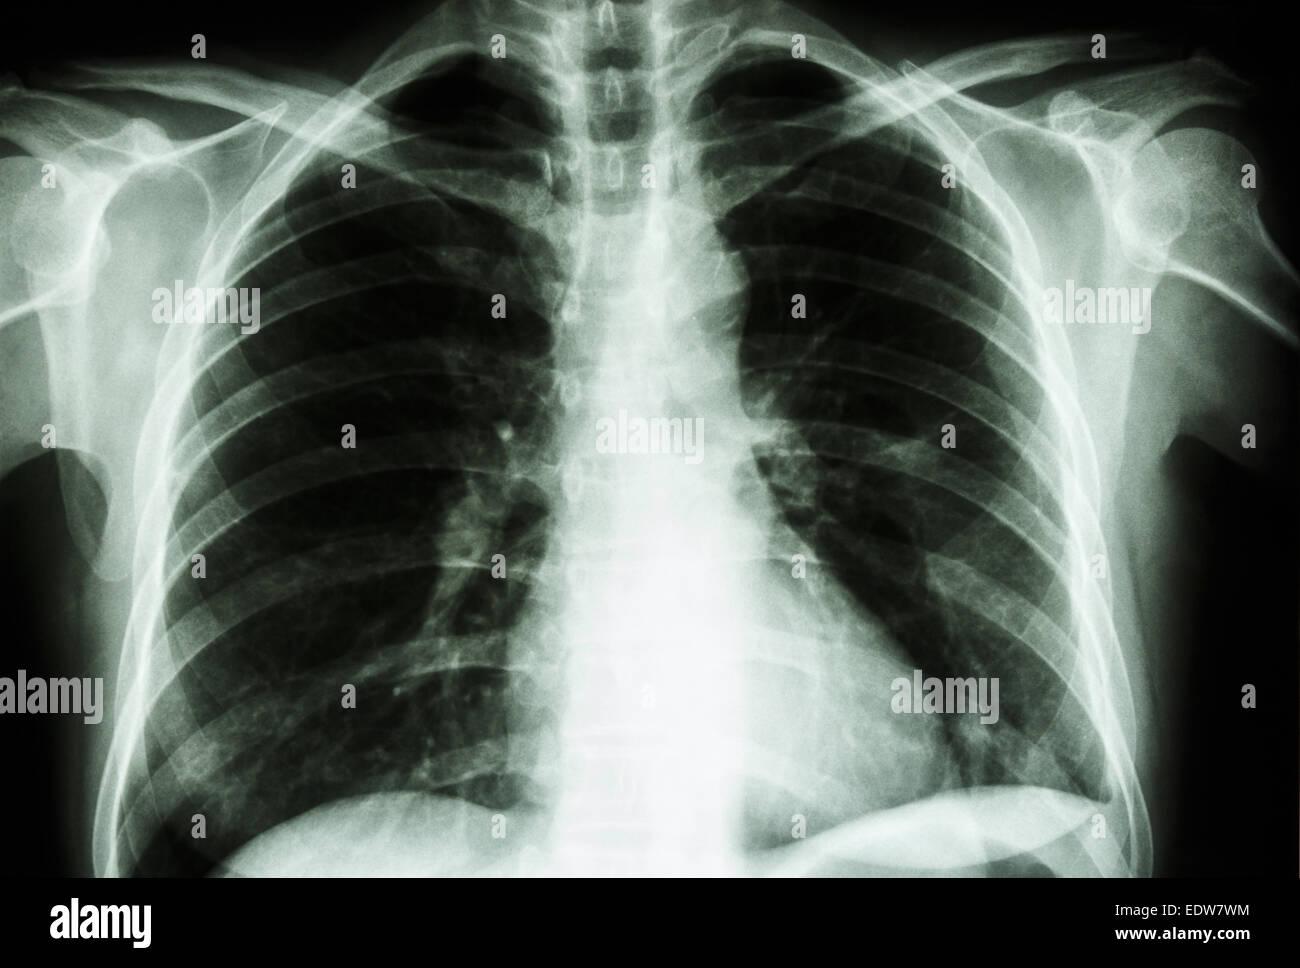 x-ray Film zeigen normale menschliche Brust (Knochen und innere ...